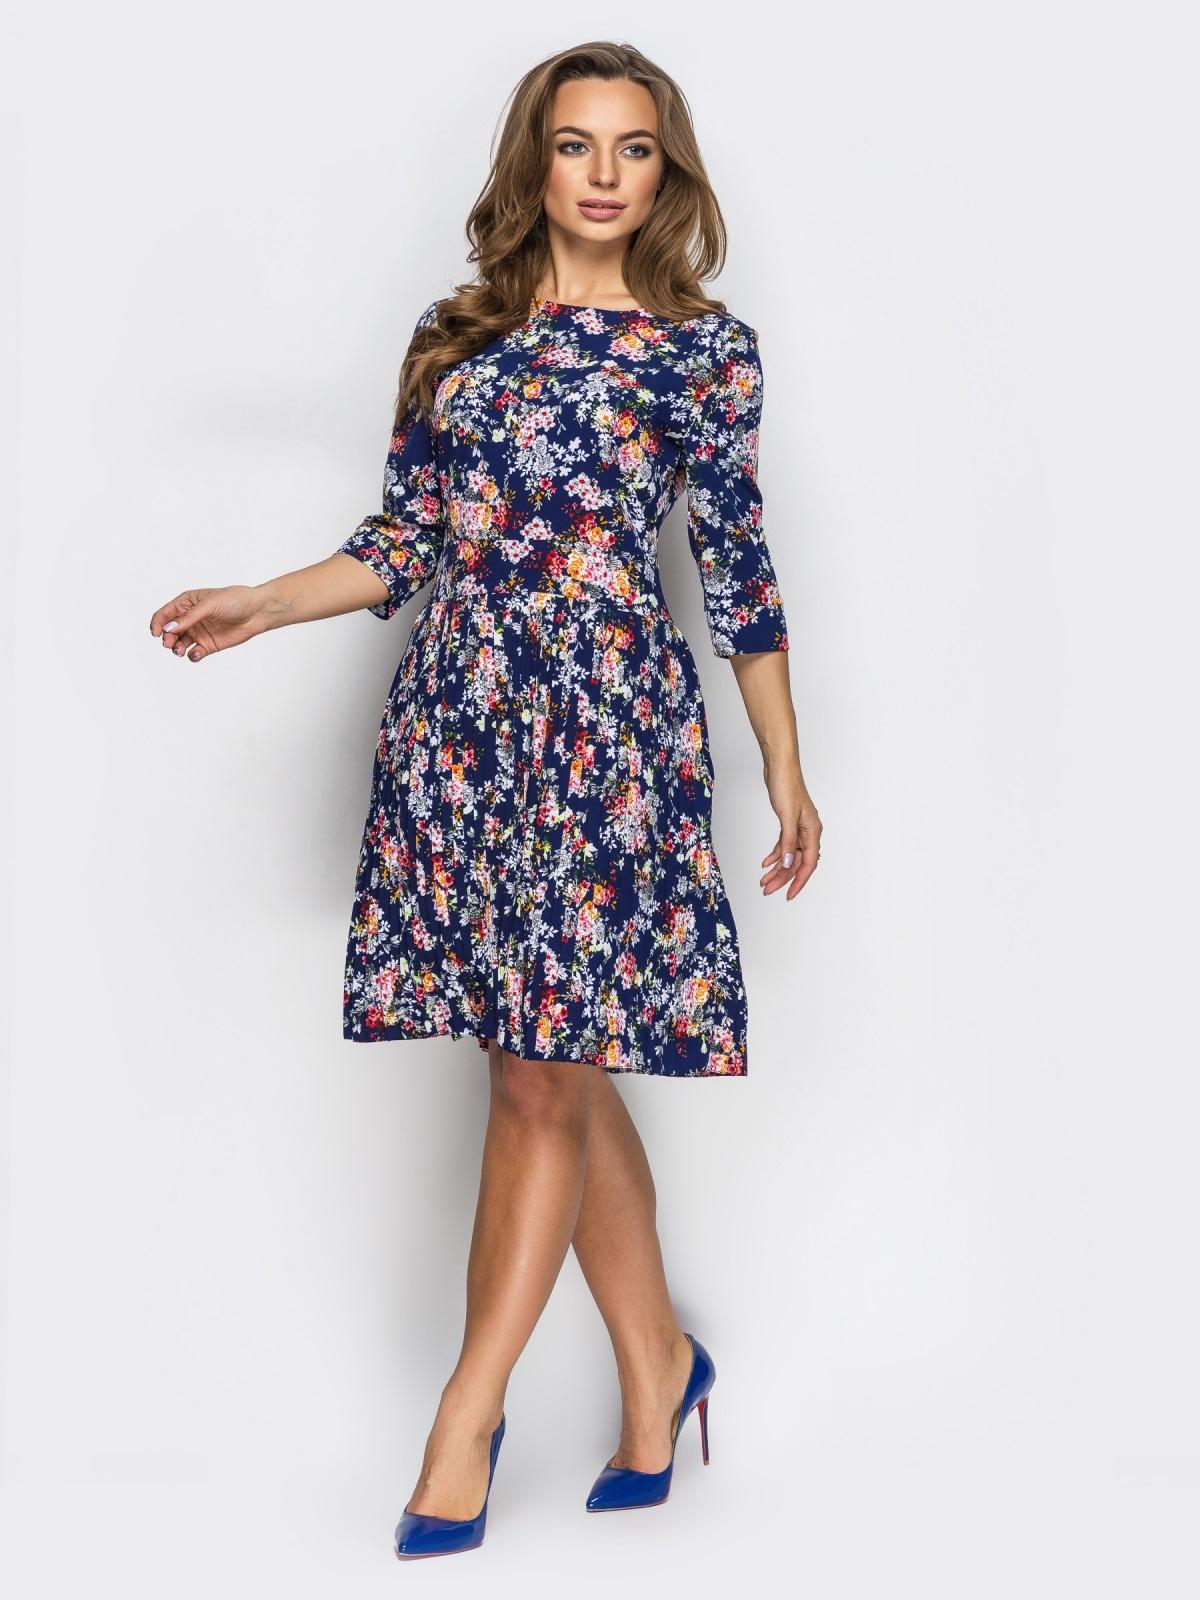 Платье в цветочный принт с юбкой-плиссе - 13610, фото 1 – интернет-магазин Dressa